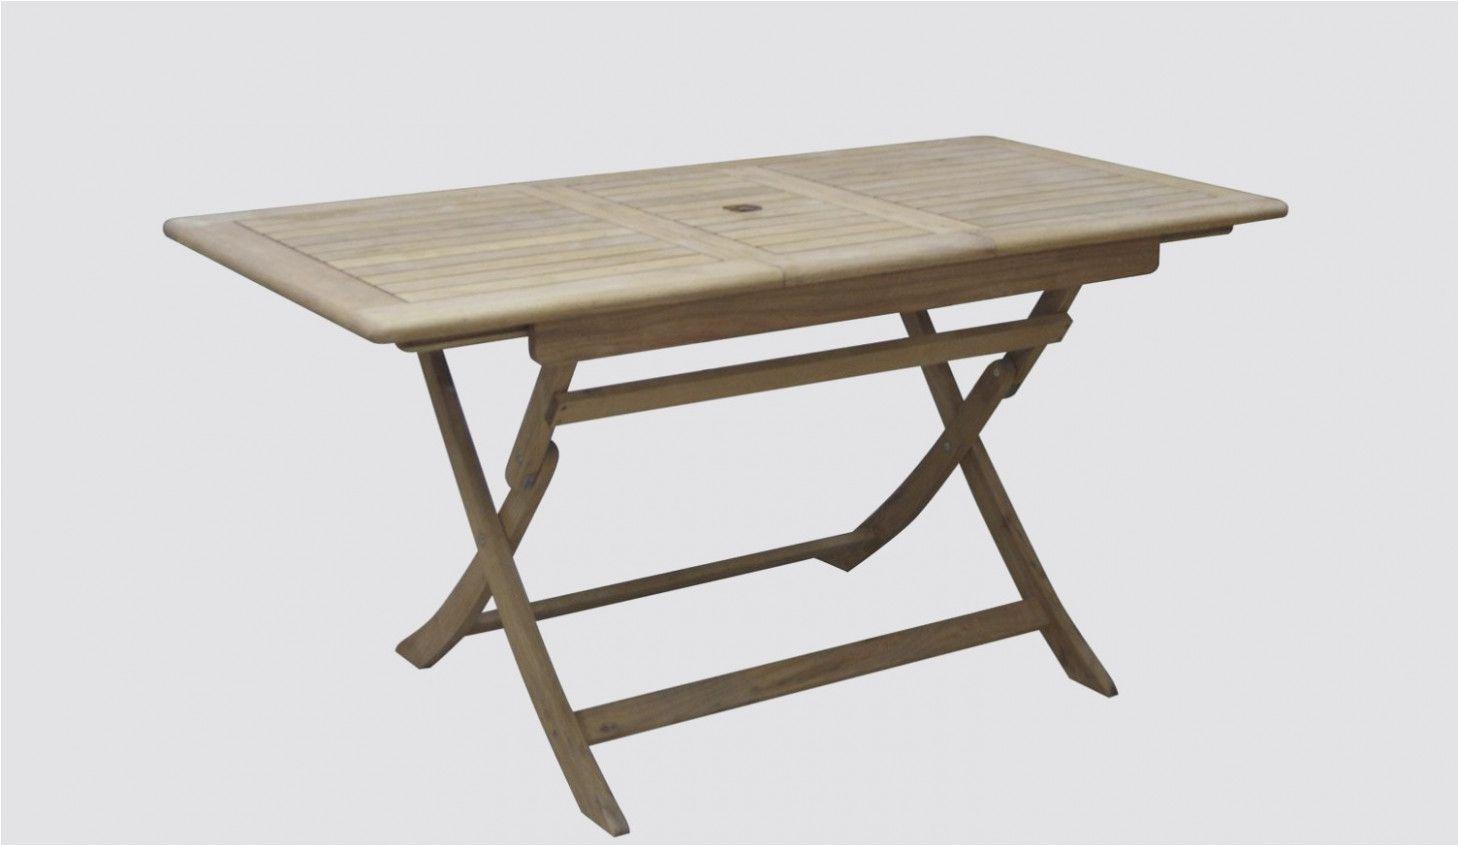 Ikea Table De Jardin Pliable L Amenagement D Un Coin De Repos Dans Le Jardin Ou Sur La Terrasse N Est Pas Totalement Acheve Ta In 2020 Picnic Table Table Folding Table